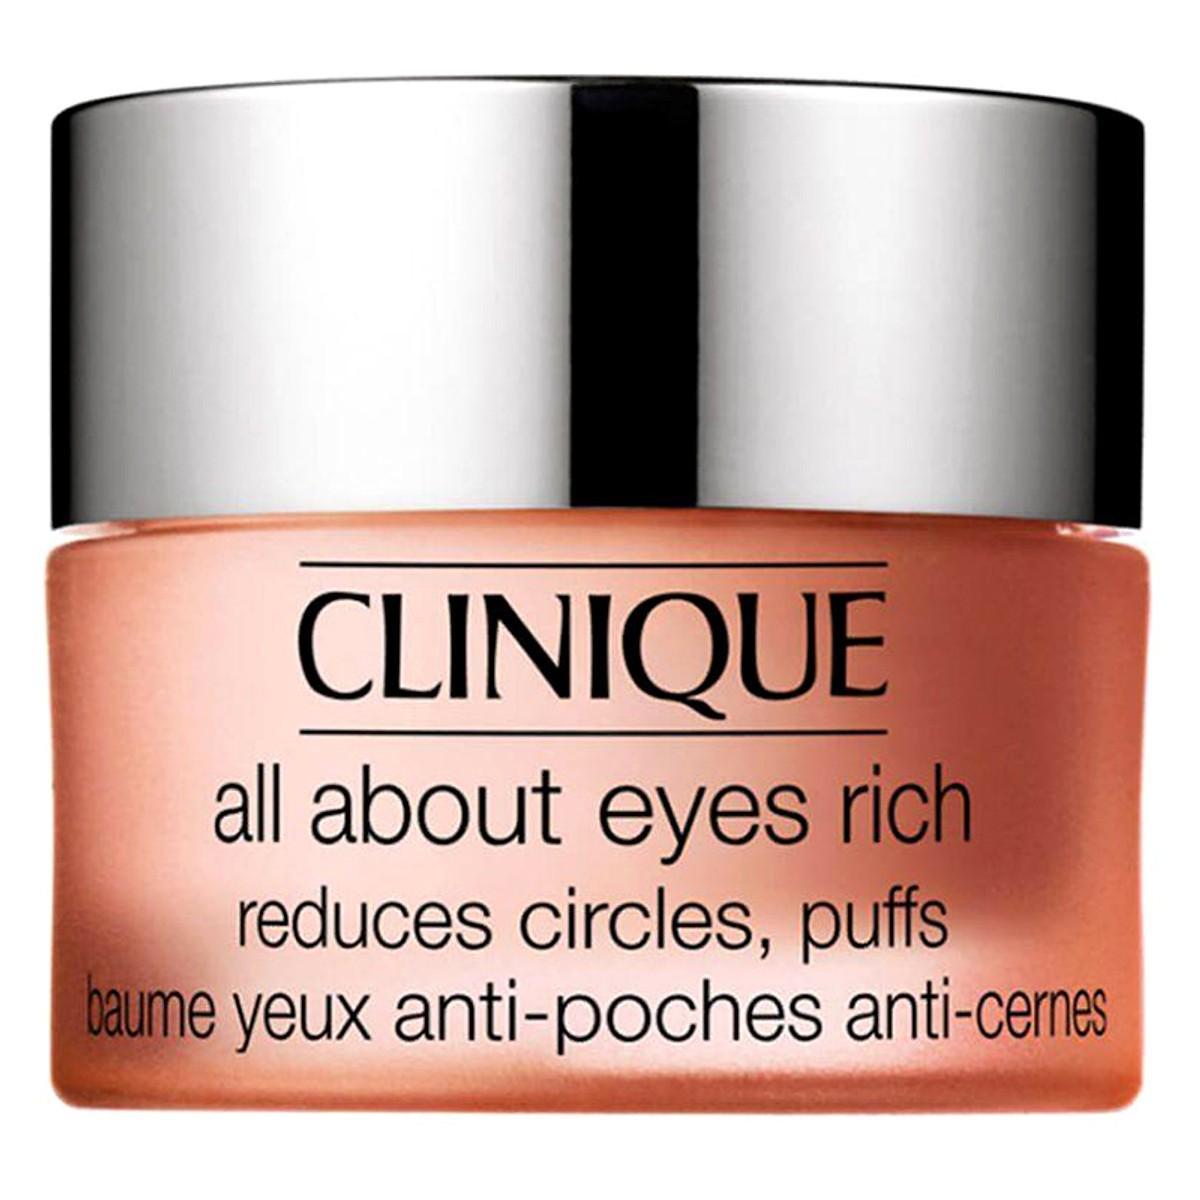 Clinique - Kem Dưỡng Da Vùng Mắt All About Eyes Rich - 6KAK010000 (15ml) chính hãng